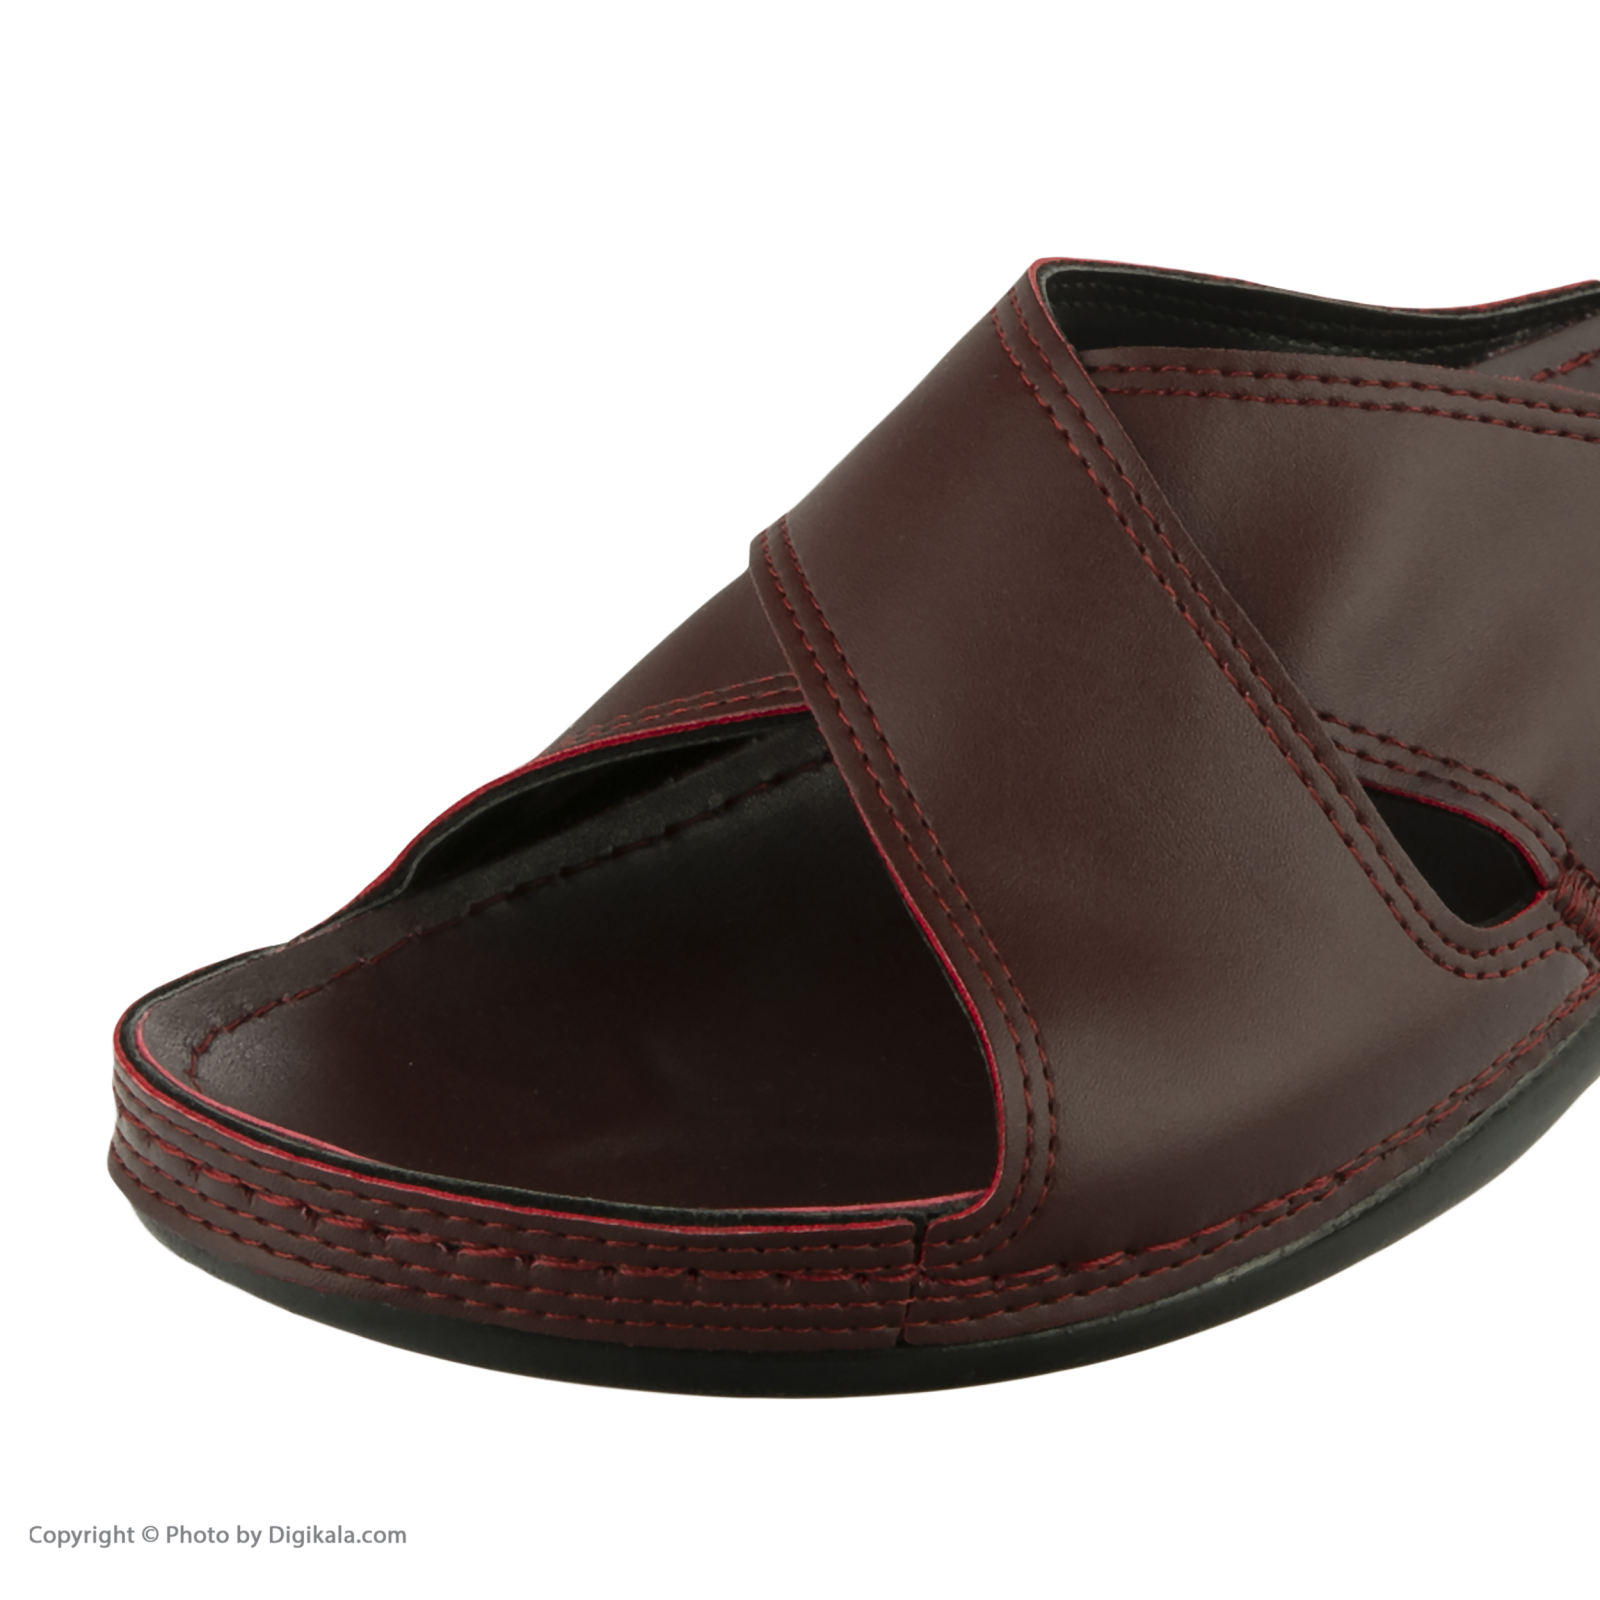 دمپایی زنانه کفش آویده کد av-0304505 رنگ زرشکی -  - 3